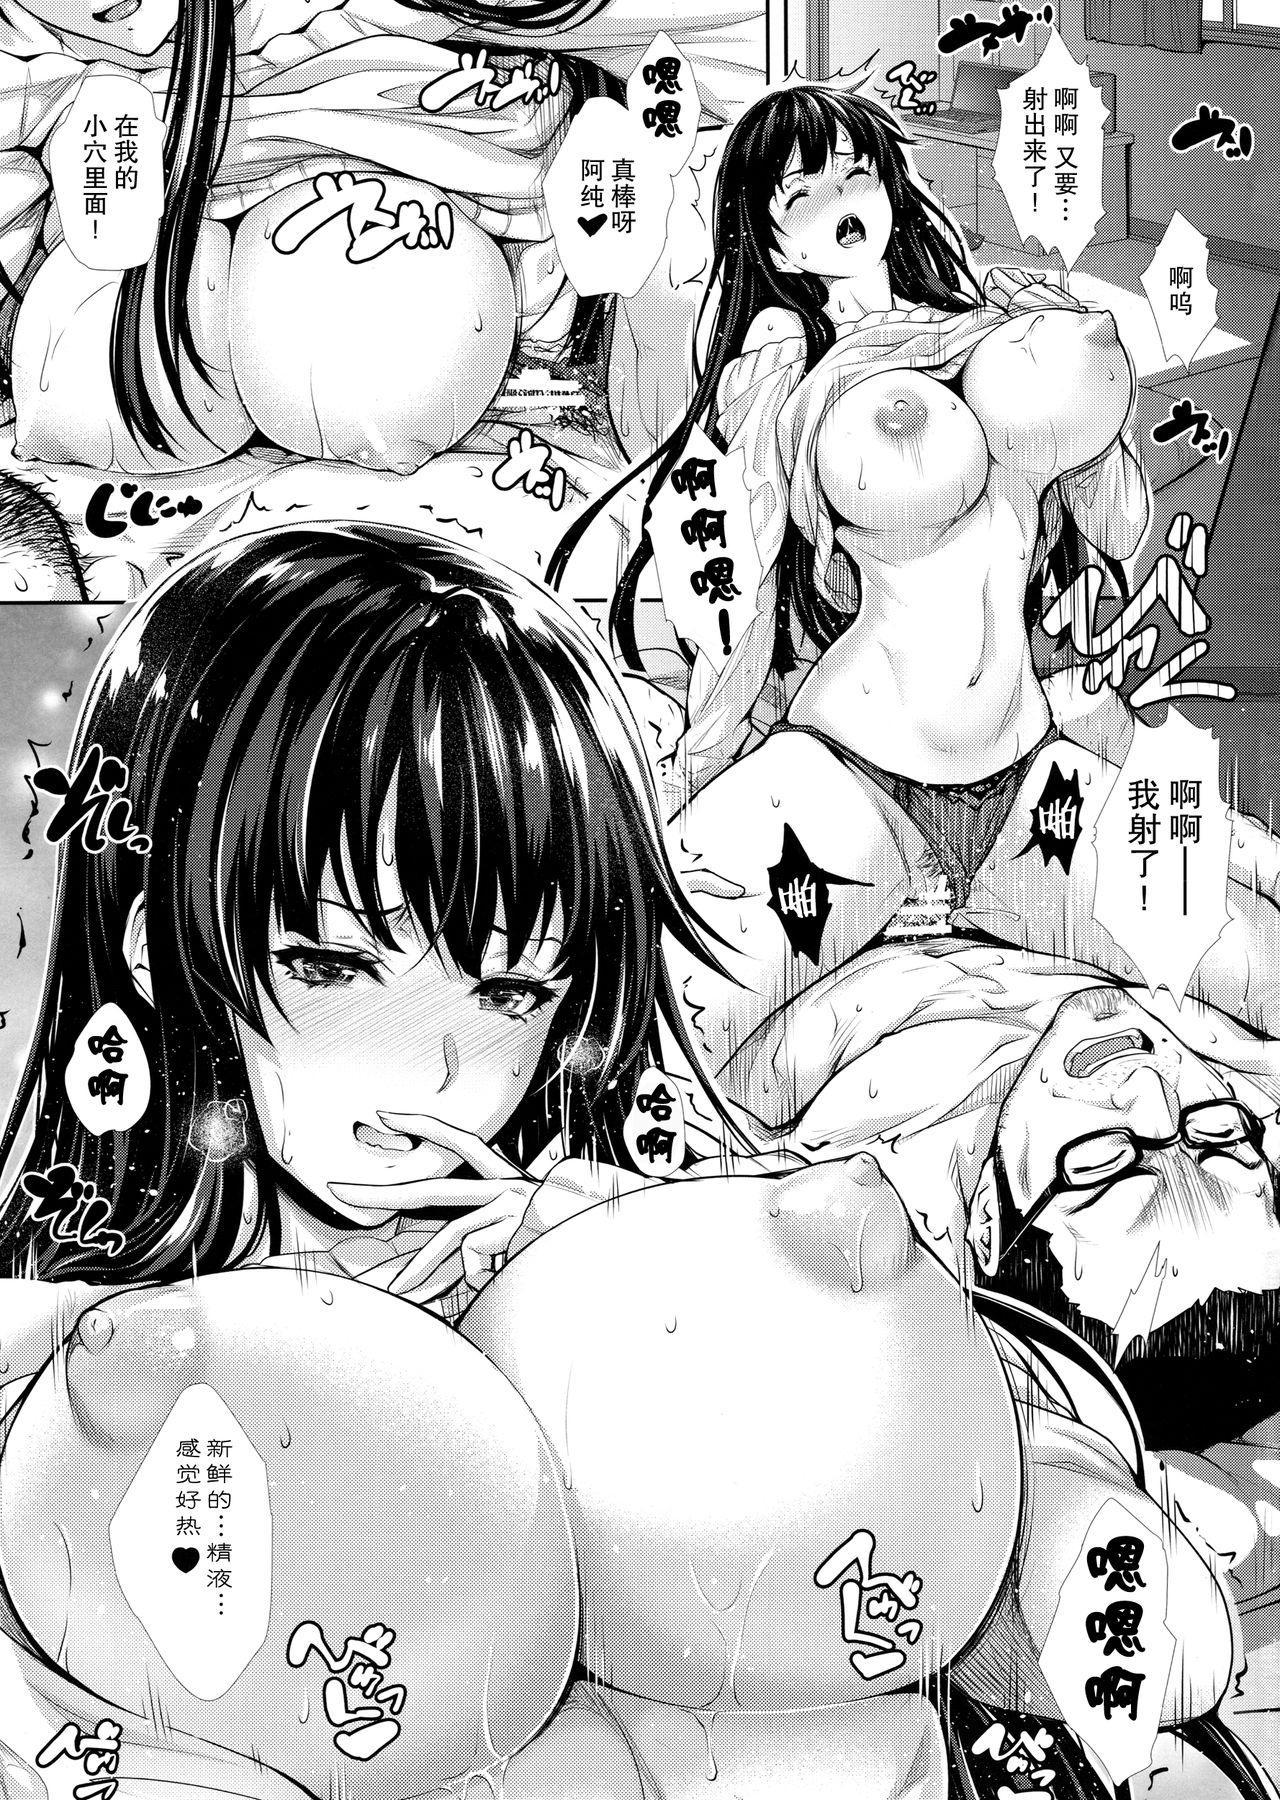 Yonjyouhan x Monogatari Nijoume 2